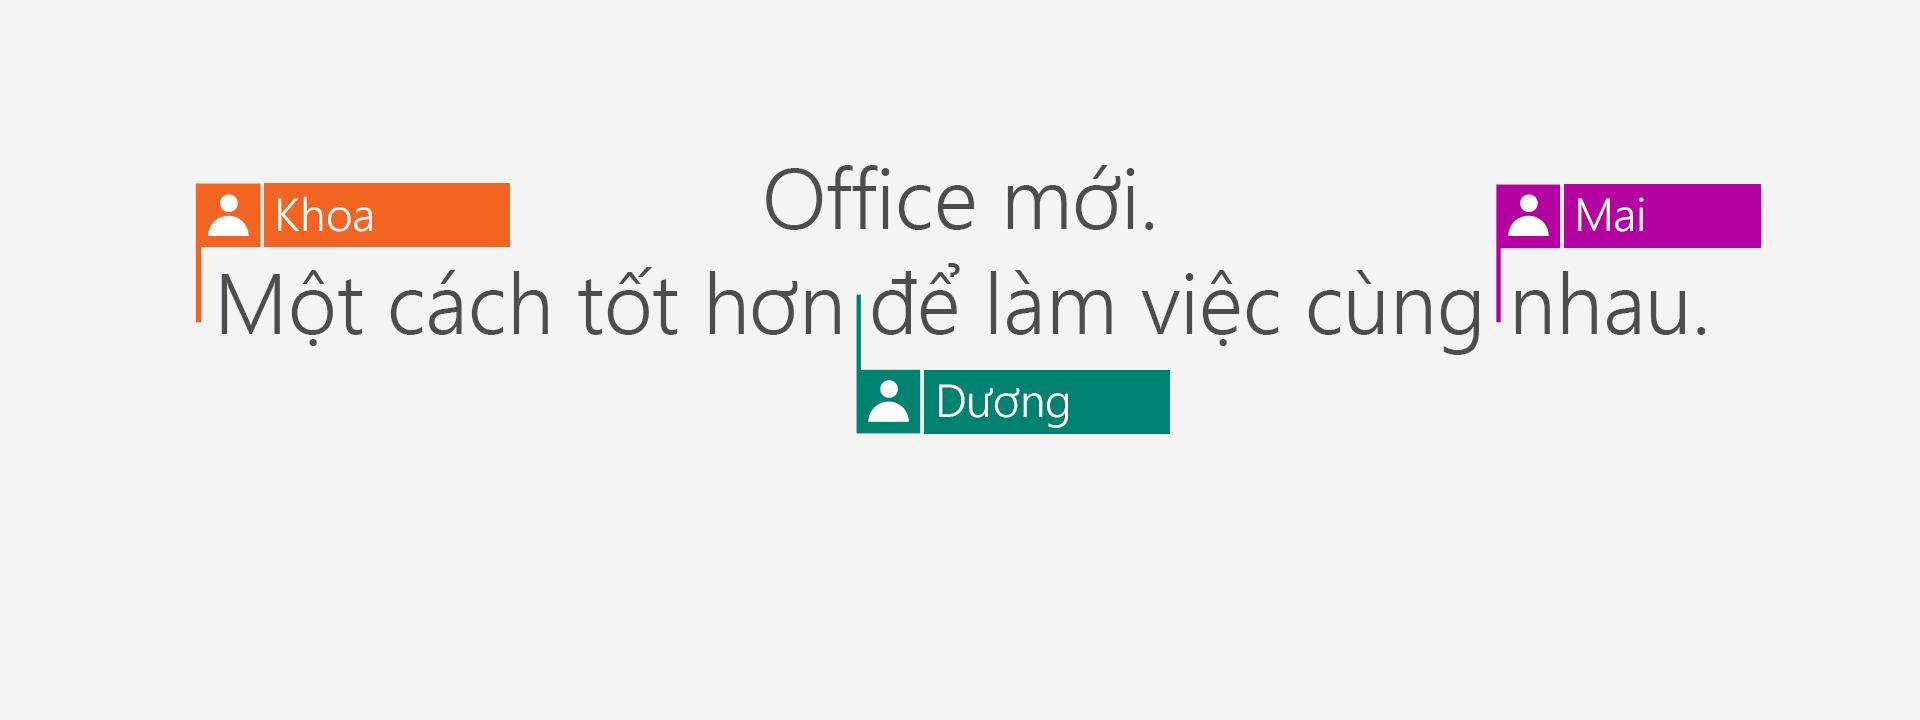 Mua Office 365 để nhận các ứng dụng mới năm 2016.